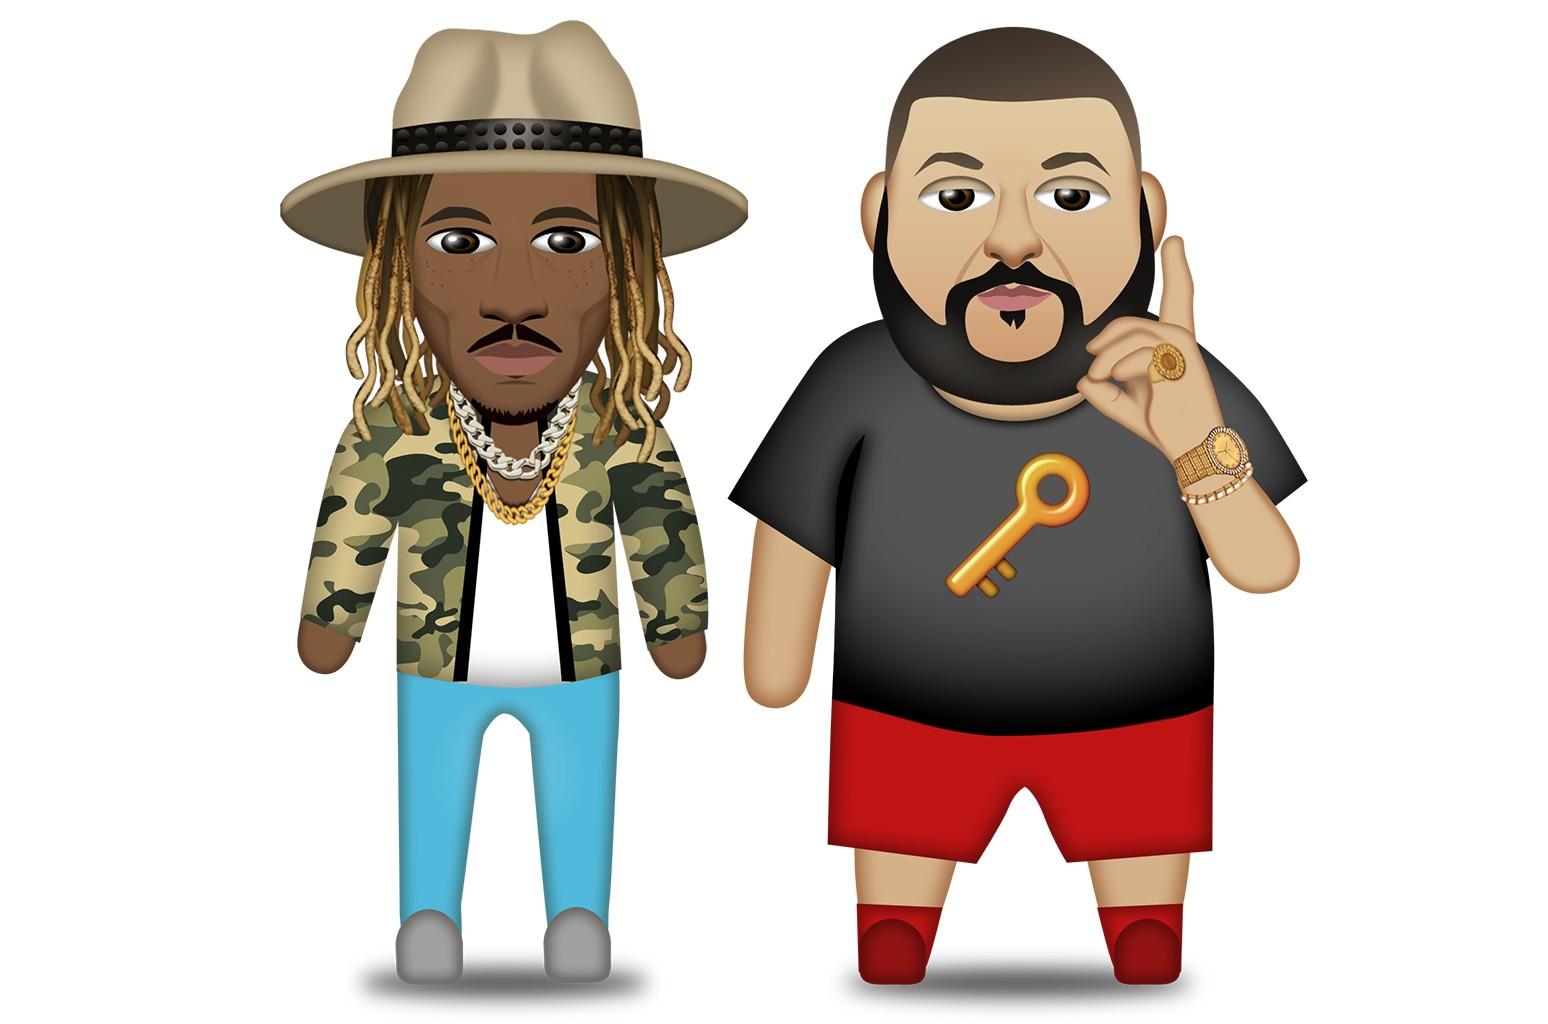 Future and DJ Khaled emojis.